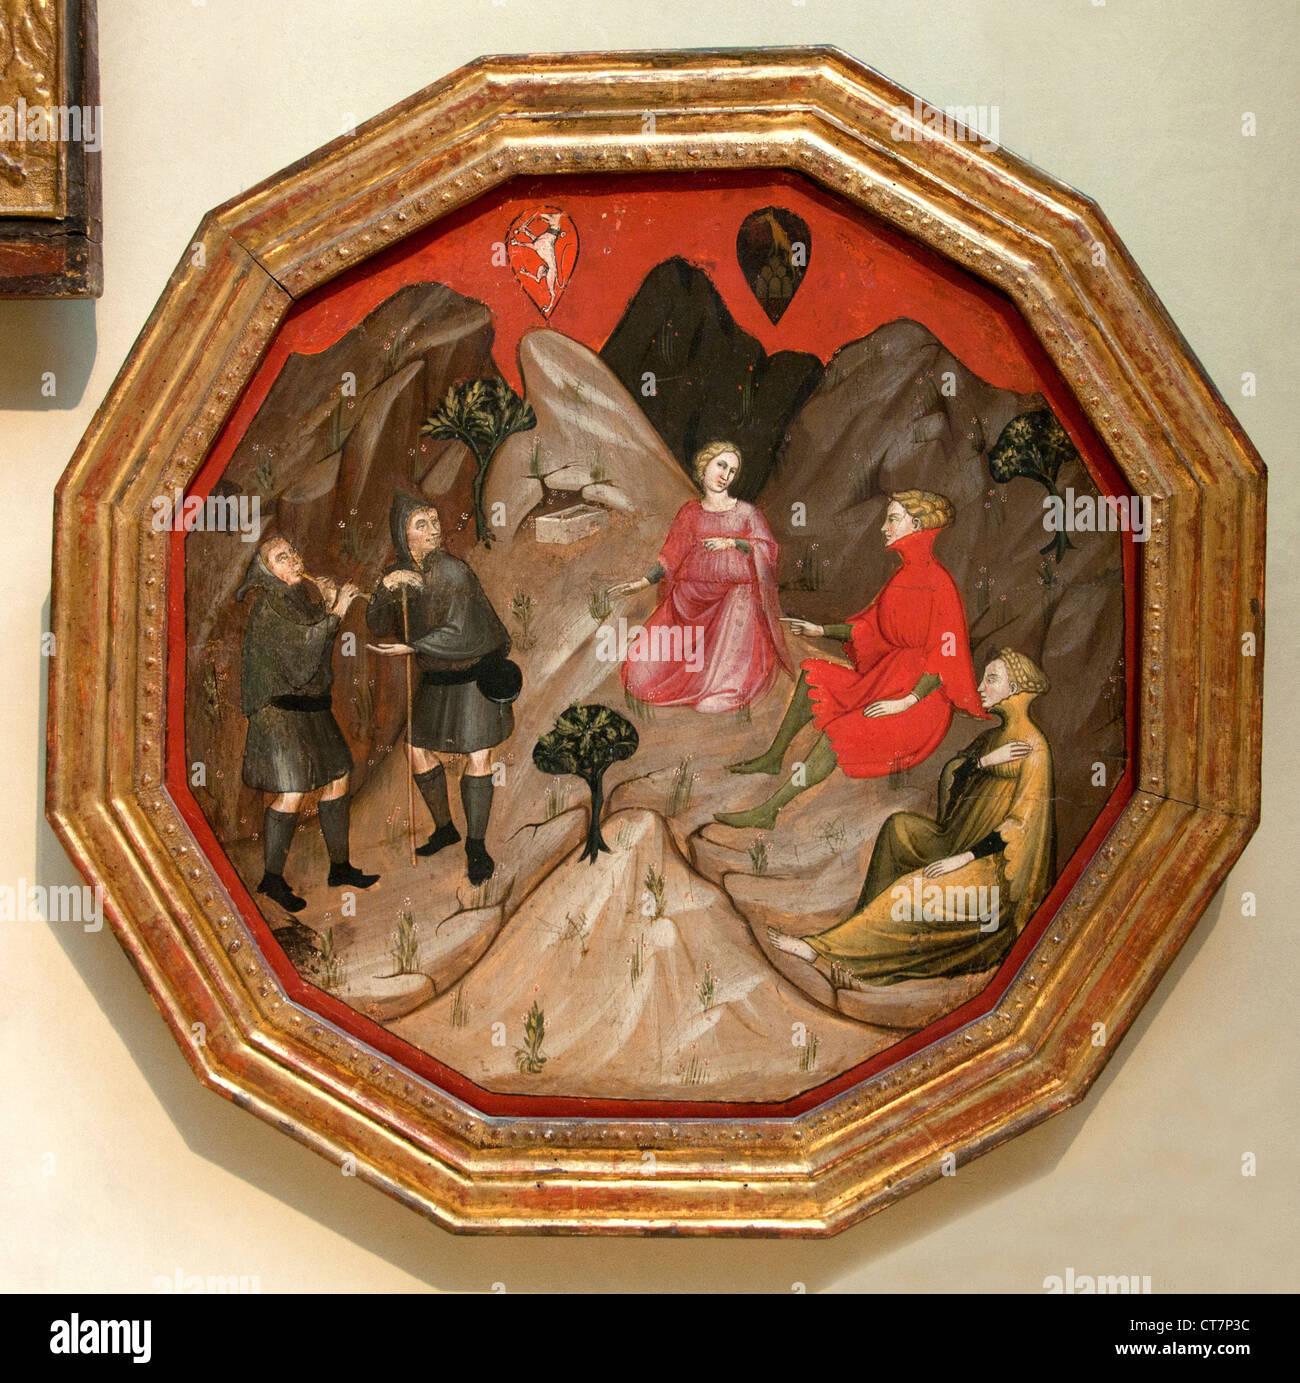 Ameto 1410 Entdeckung der Nymphen Meister der italienischen Florentiner Italien 1416 Wettbewerb zwischen den Hirten Stockbild